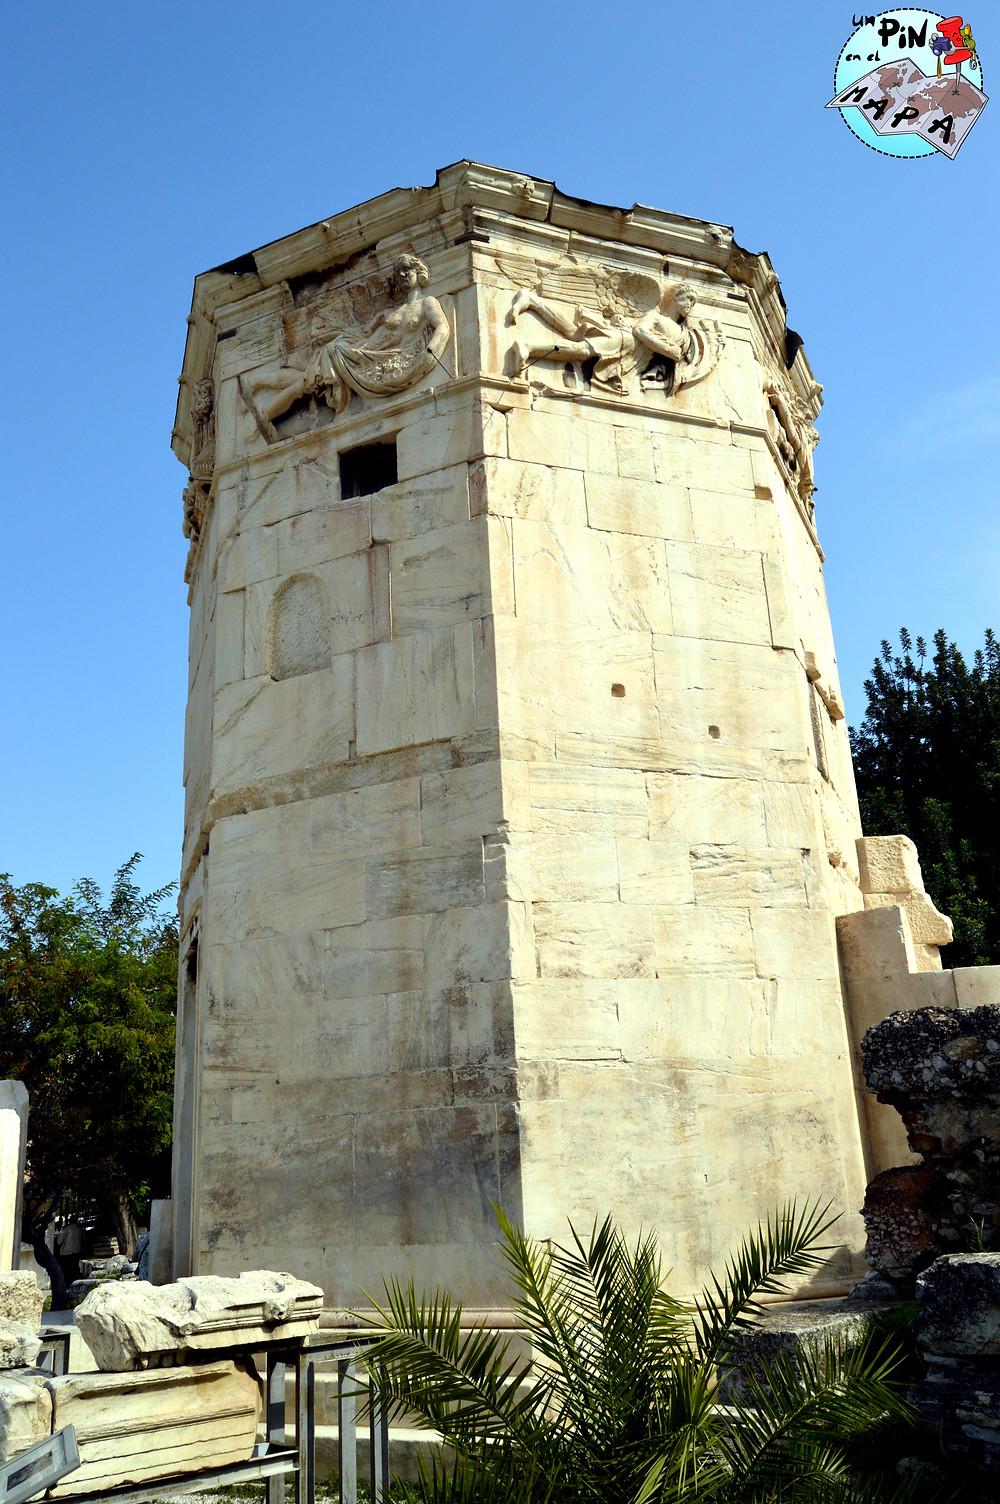 Torre de los vientos en el Ágora Romana, Atenas | Un Pin en el Mapa